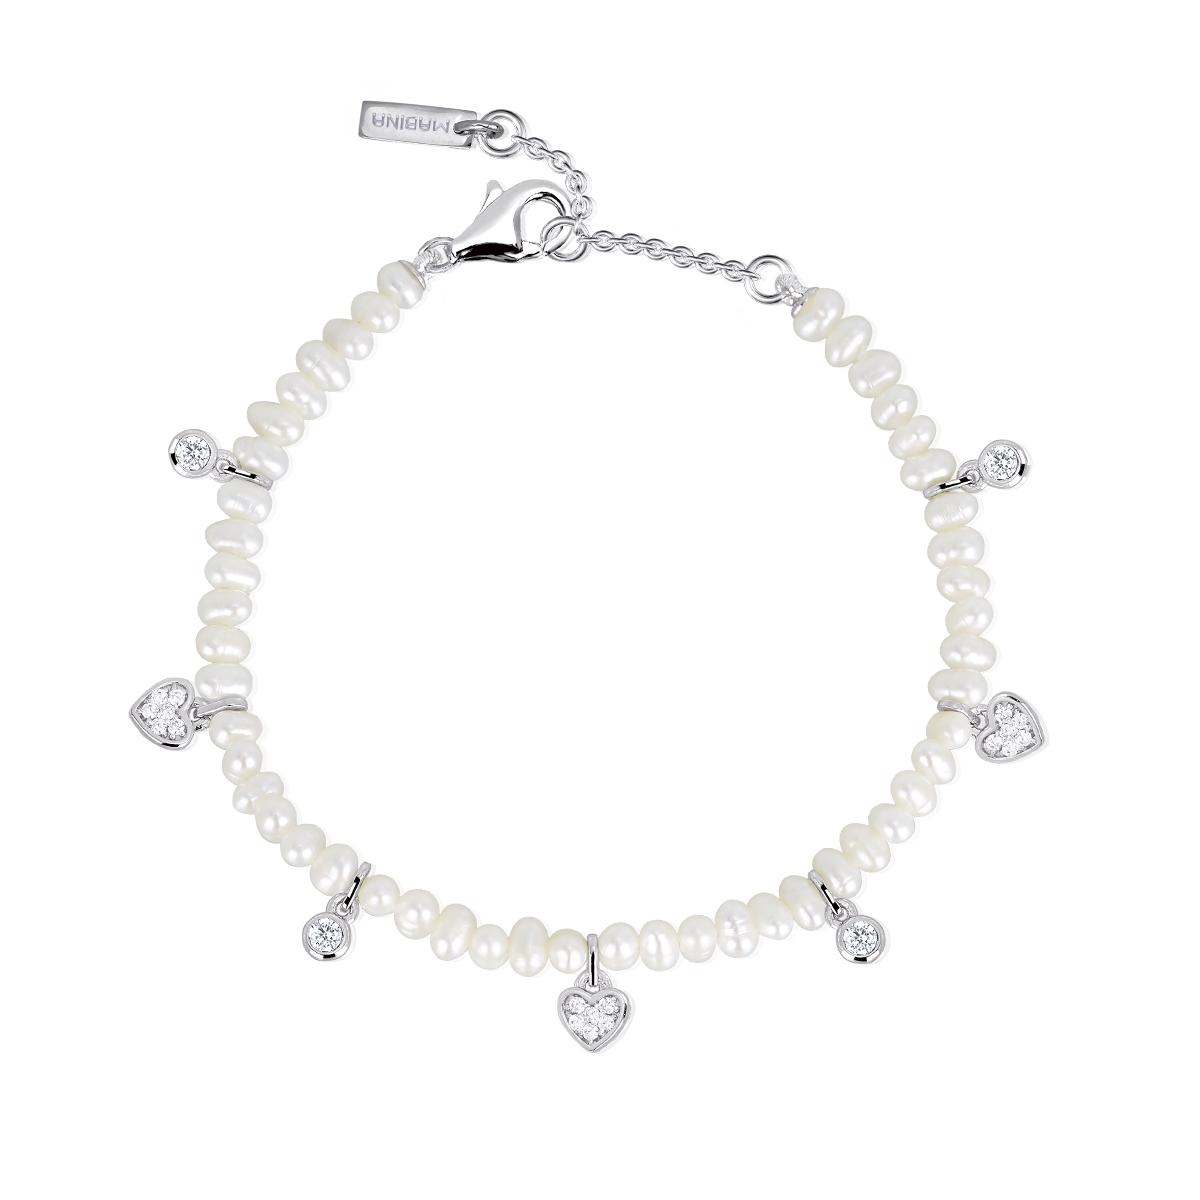 Bracciale Donna Mabina in Argento e Perle con Zirconi Cuori